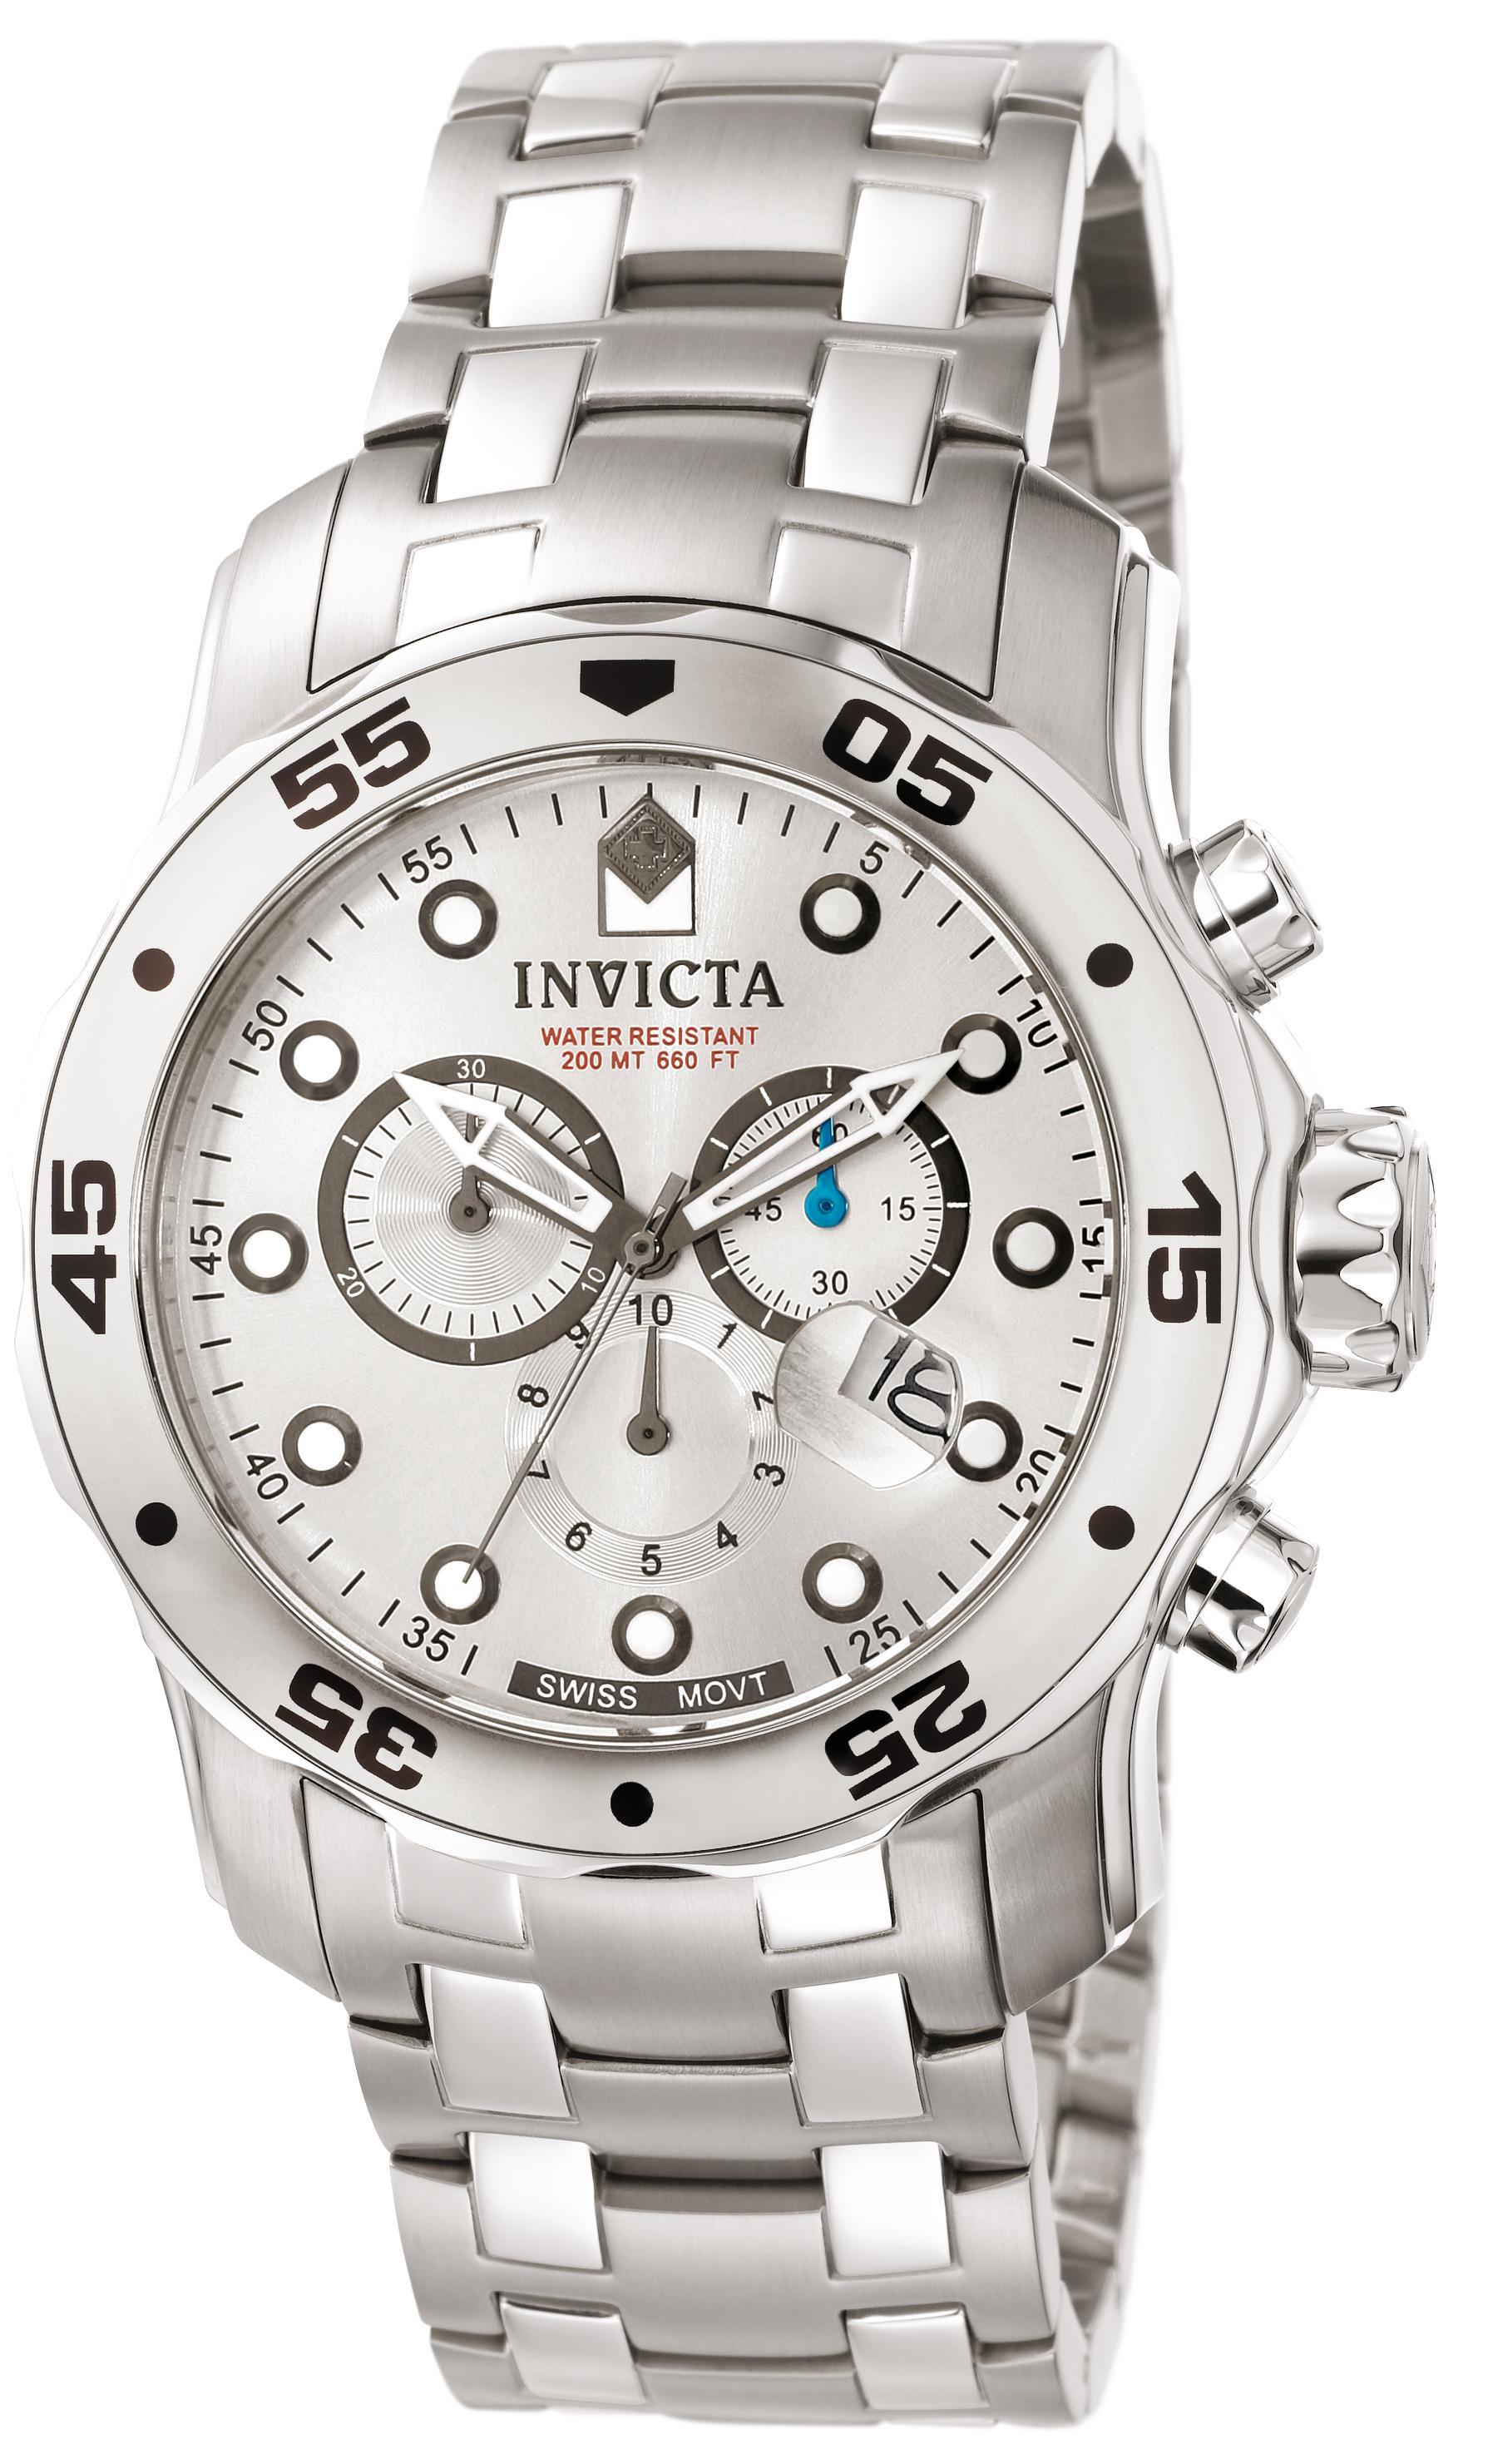 Amazon.com: Invicta Men's 0071 Pro Diver Collection